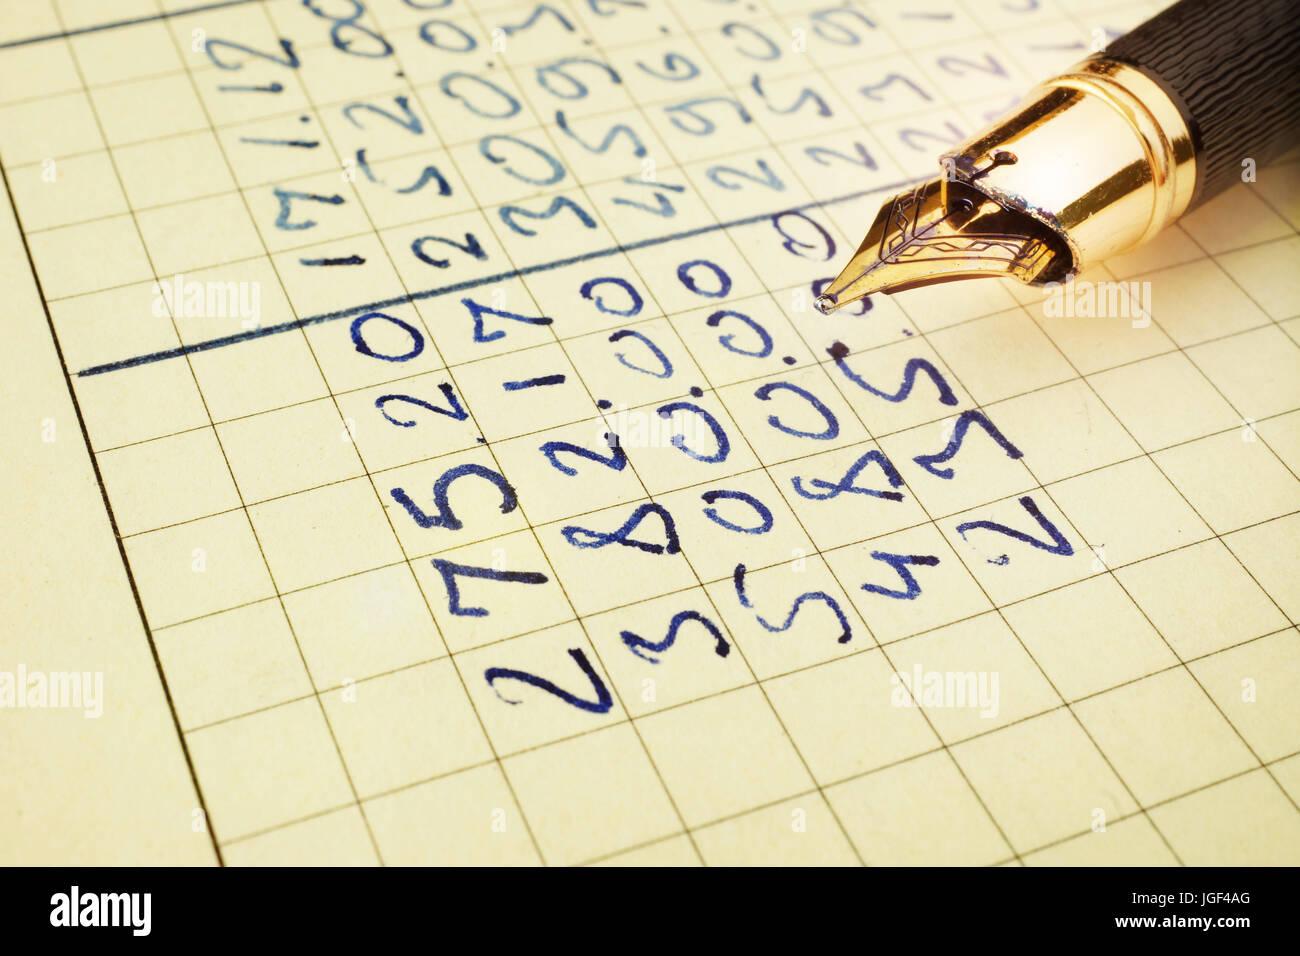 Rapport financier dans un livre de comptabilité et un stylo. Photo Stock